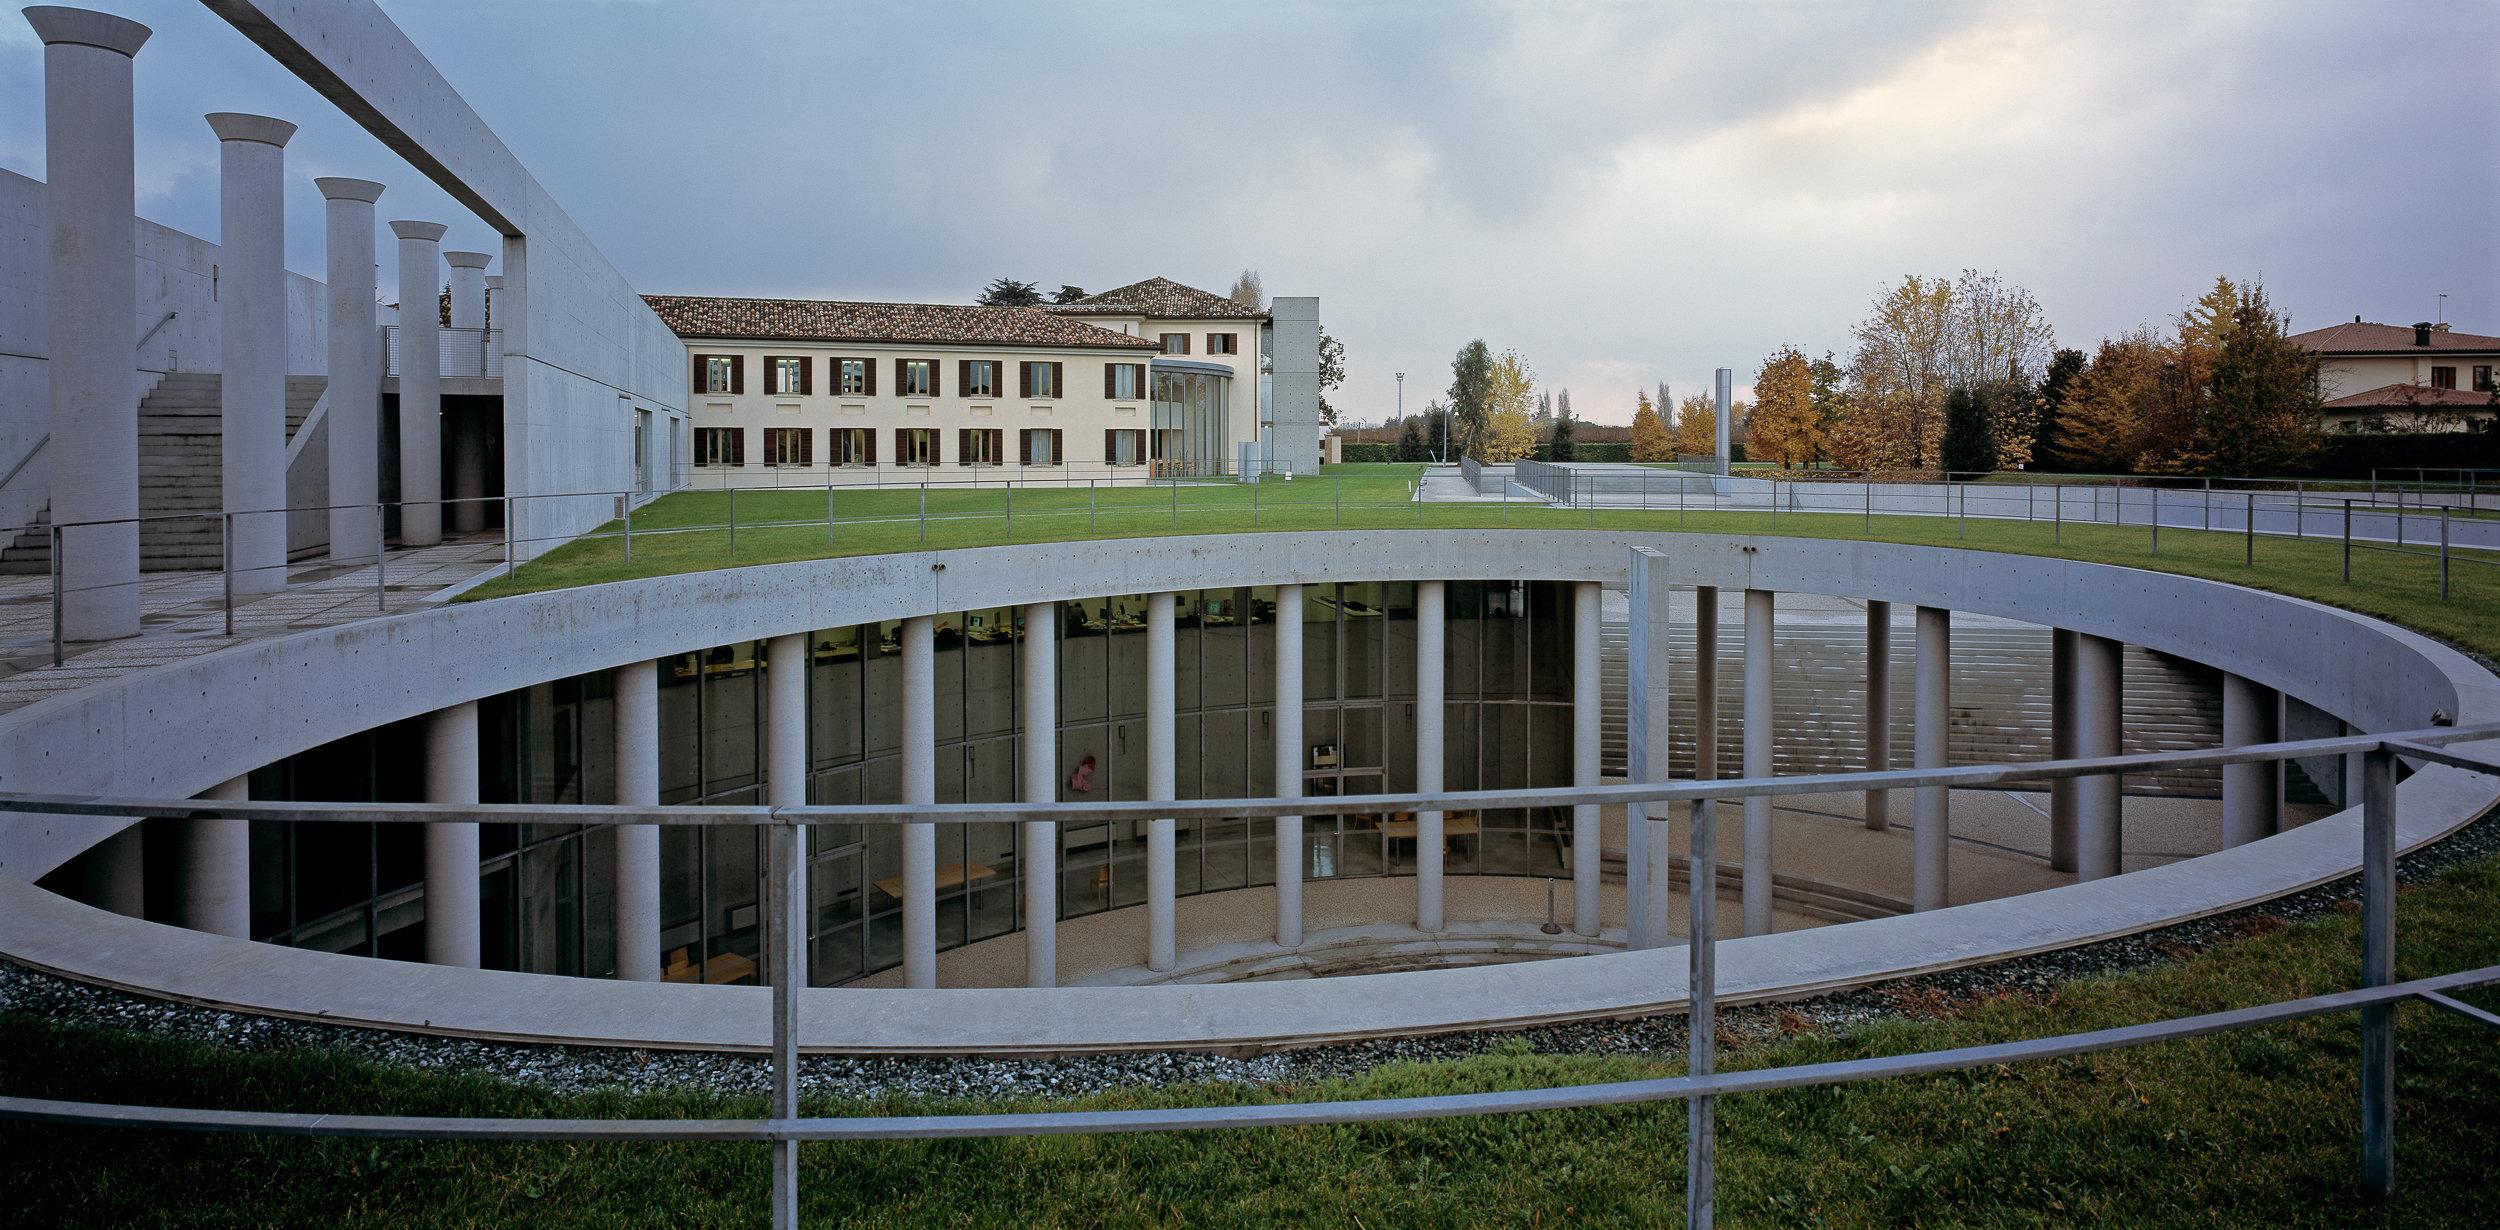 Fabrica Institute, Treviso, Italy